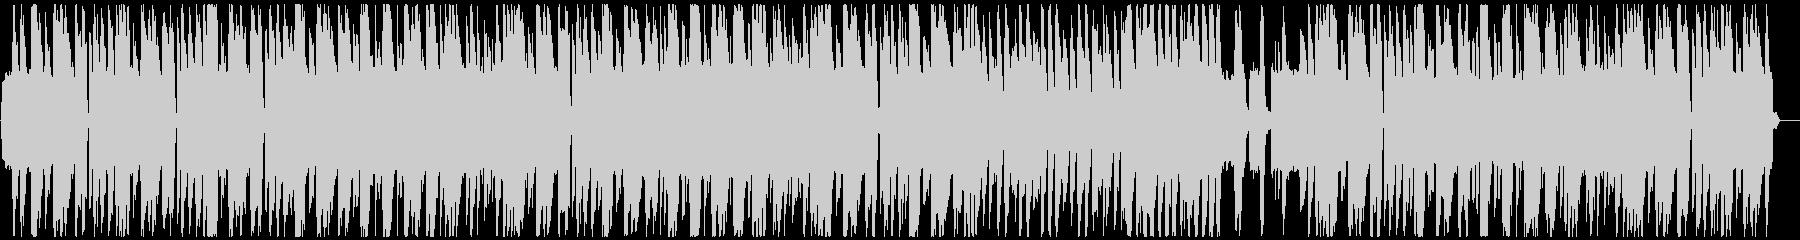 テンション高めなエリーゼのために-1分の未再生の波形